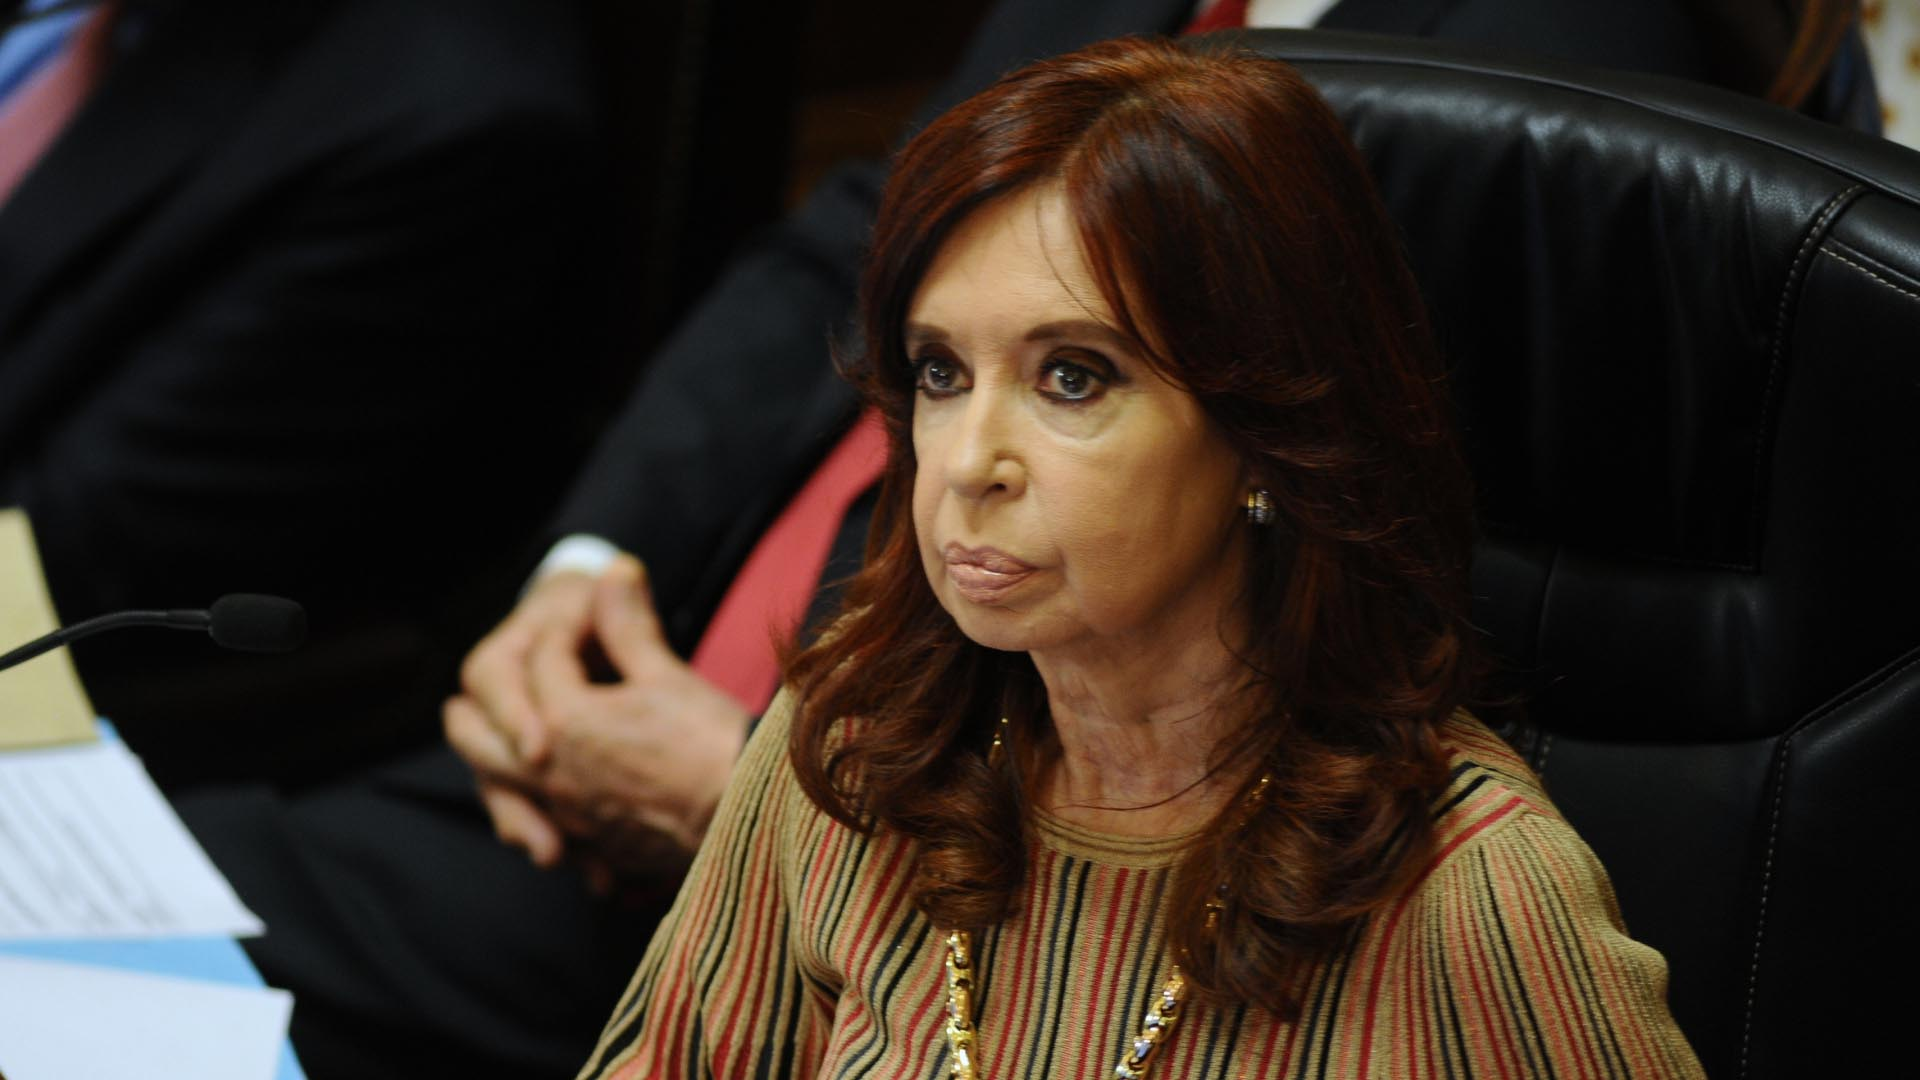 La presidenta del Senado, Cristina Kirchner, dio por iniciada la sesión pasadas las 16. Sólo tendrá que votar en caso de que haya empate